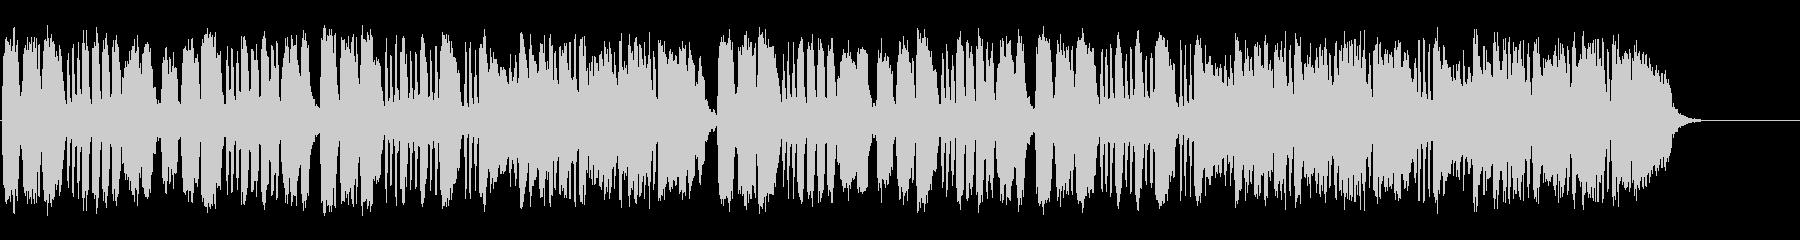 室内楽の夕べの正統派セミクラ風弦楽四重奏の未再生の波形